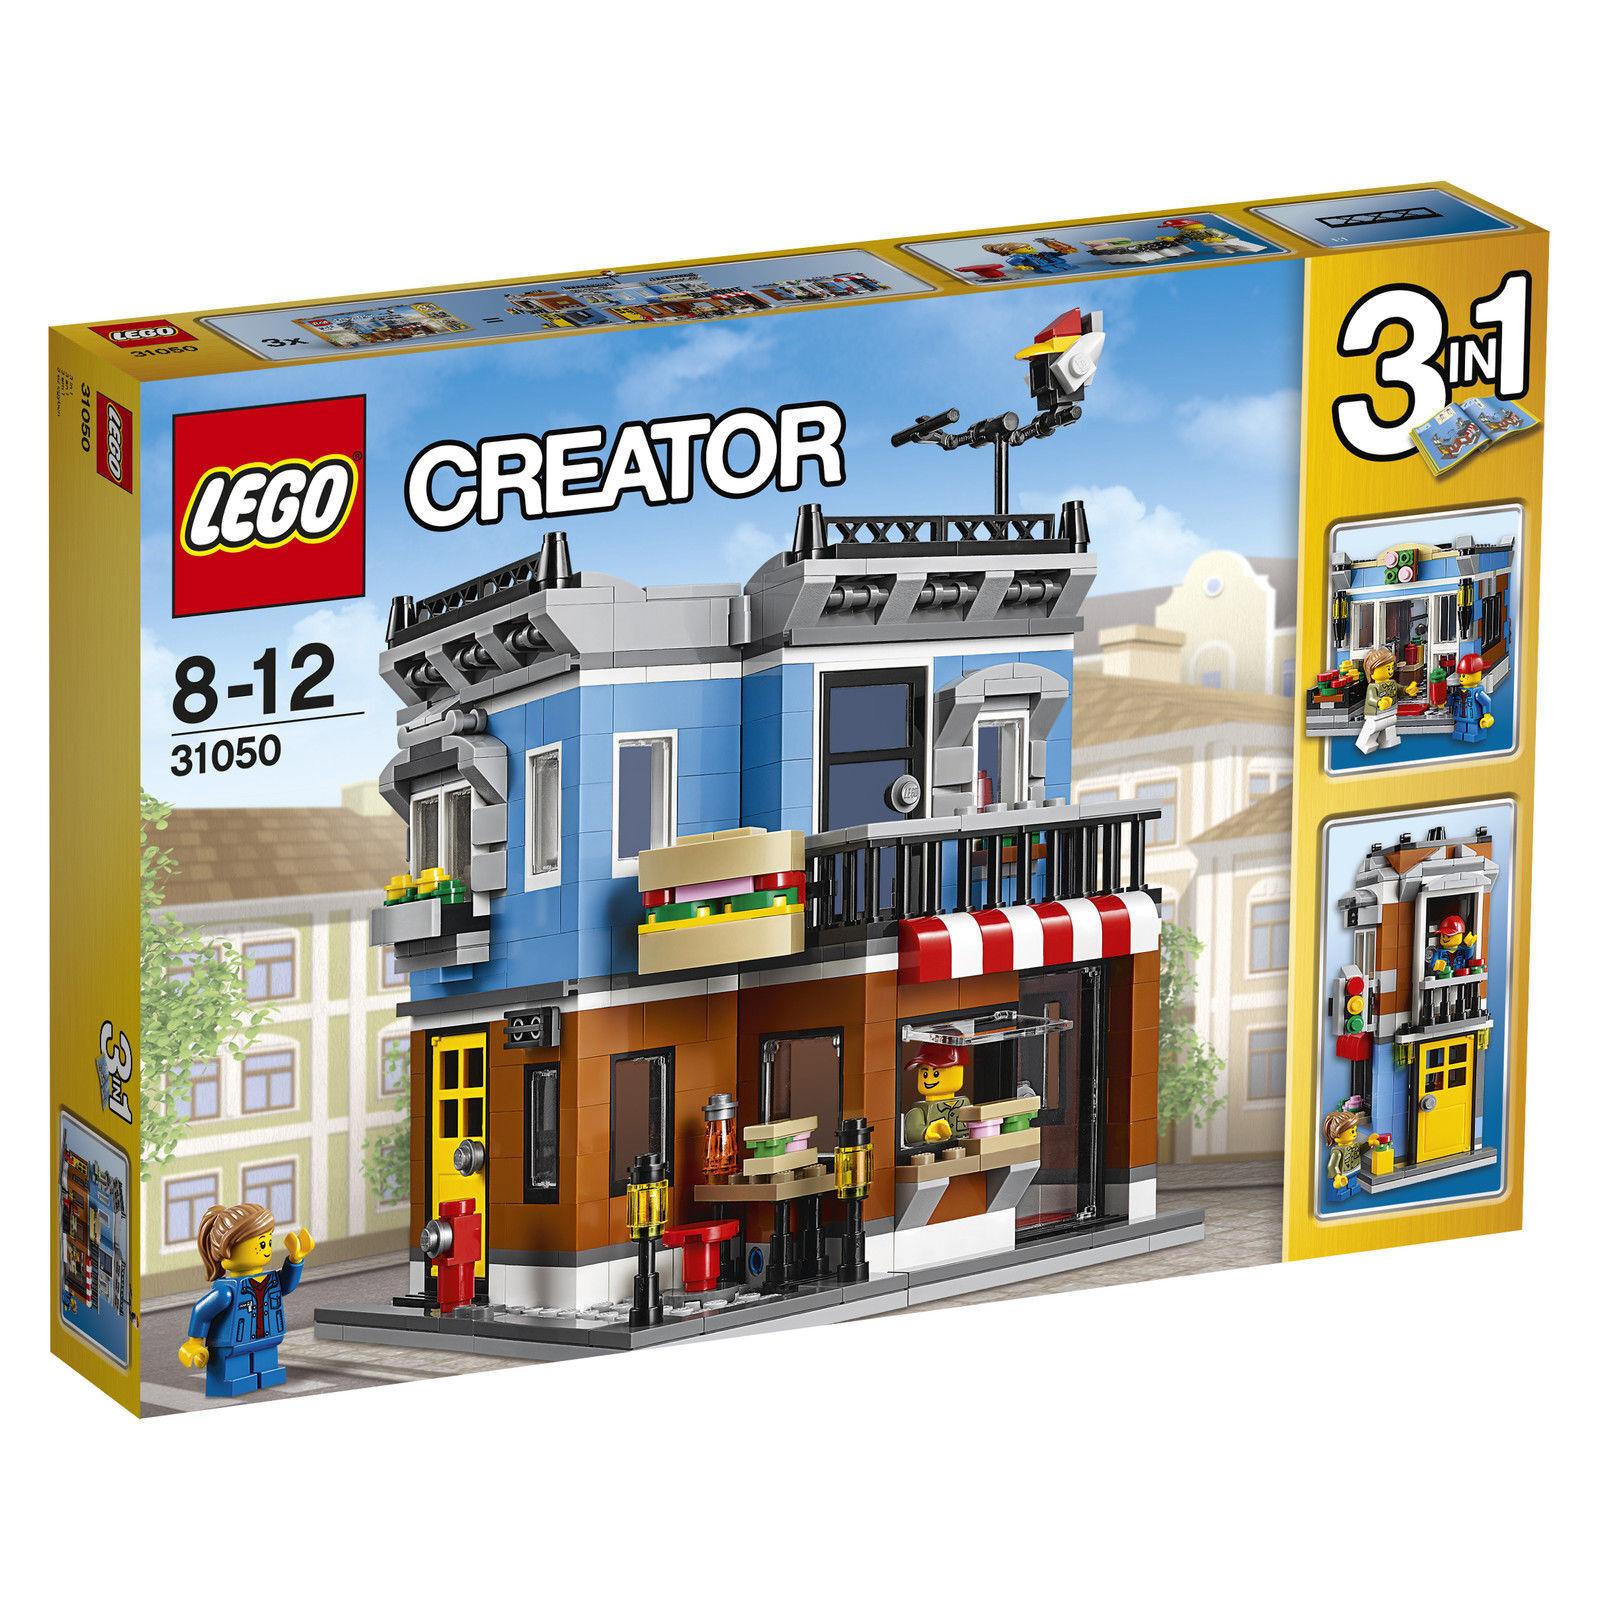 LEGO ® CREATOR 31050 Feinkostladen 3 in 1 Neu OVP New Original